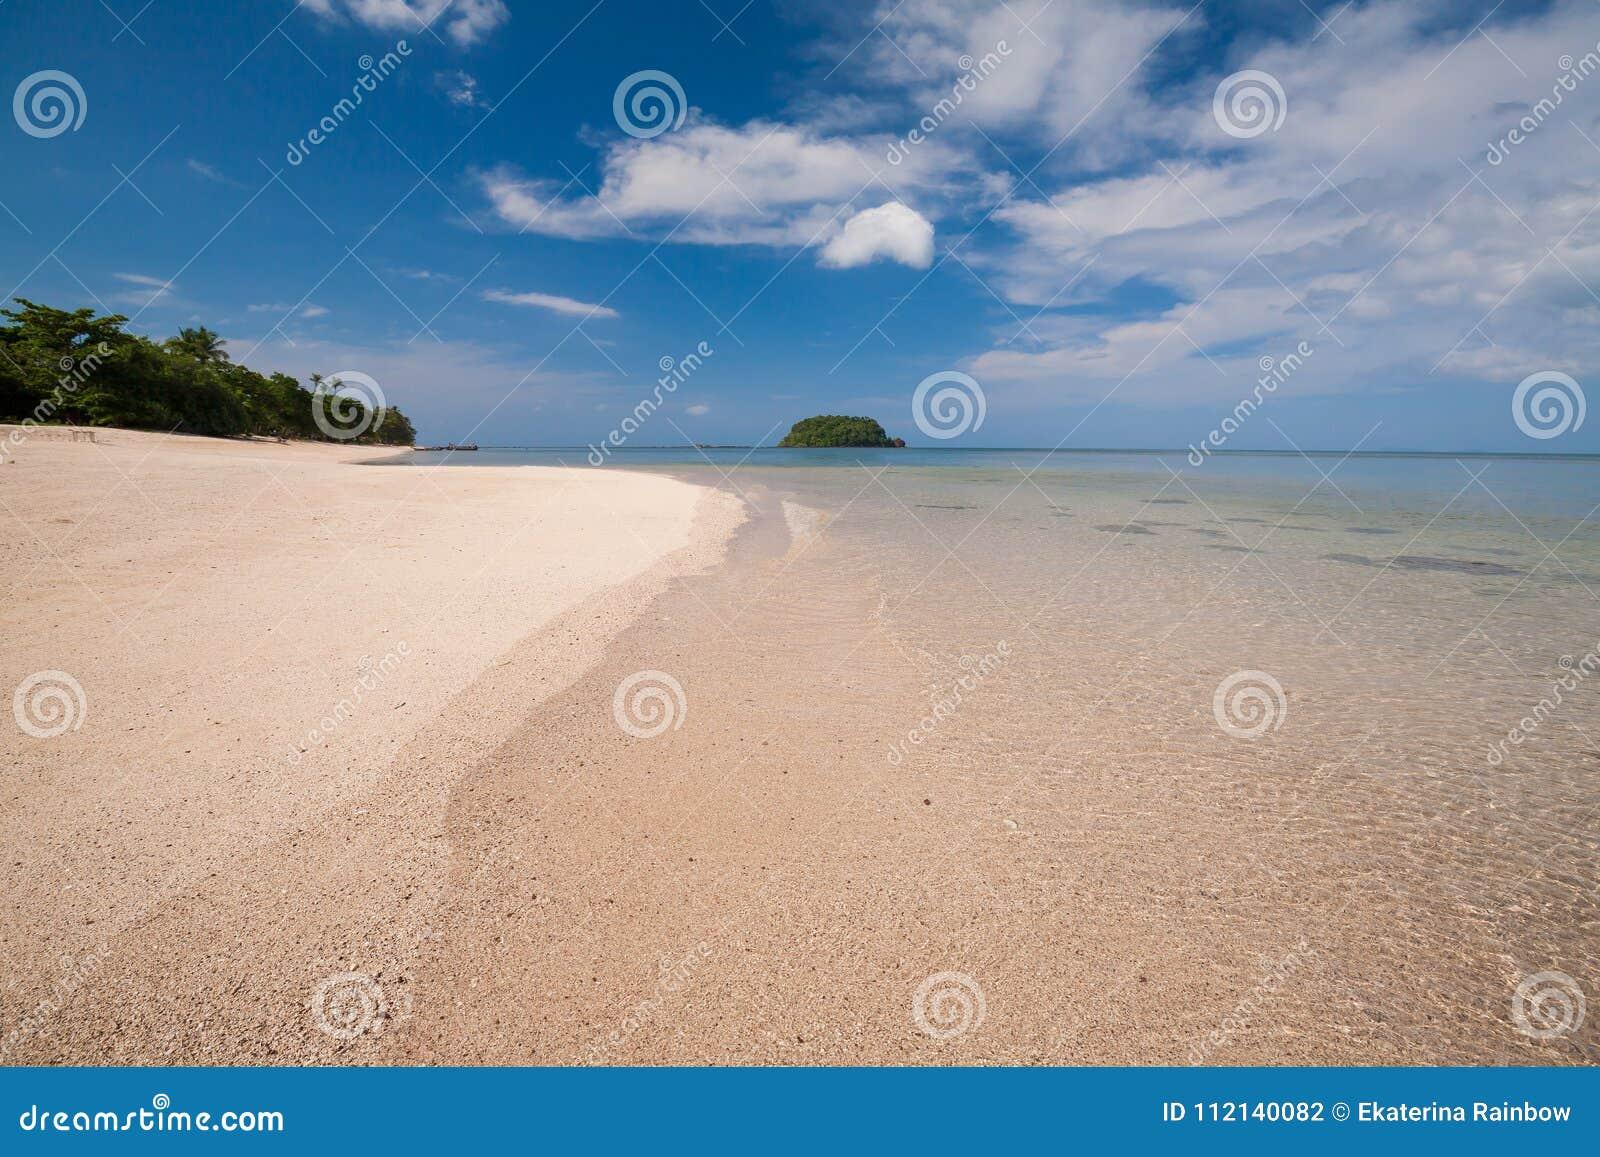 Thailand  Sea Background  Phuket Stock Photo - Image of